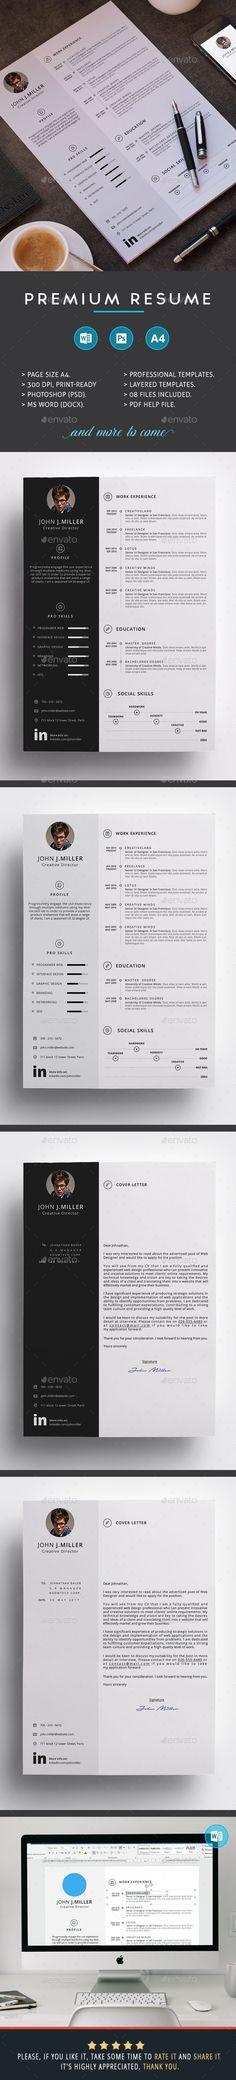 Resume Modern resume template, Modern resume and Resume template - graphic design resume template download